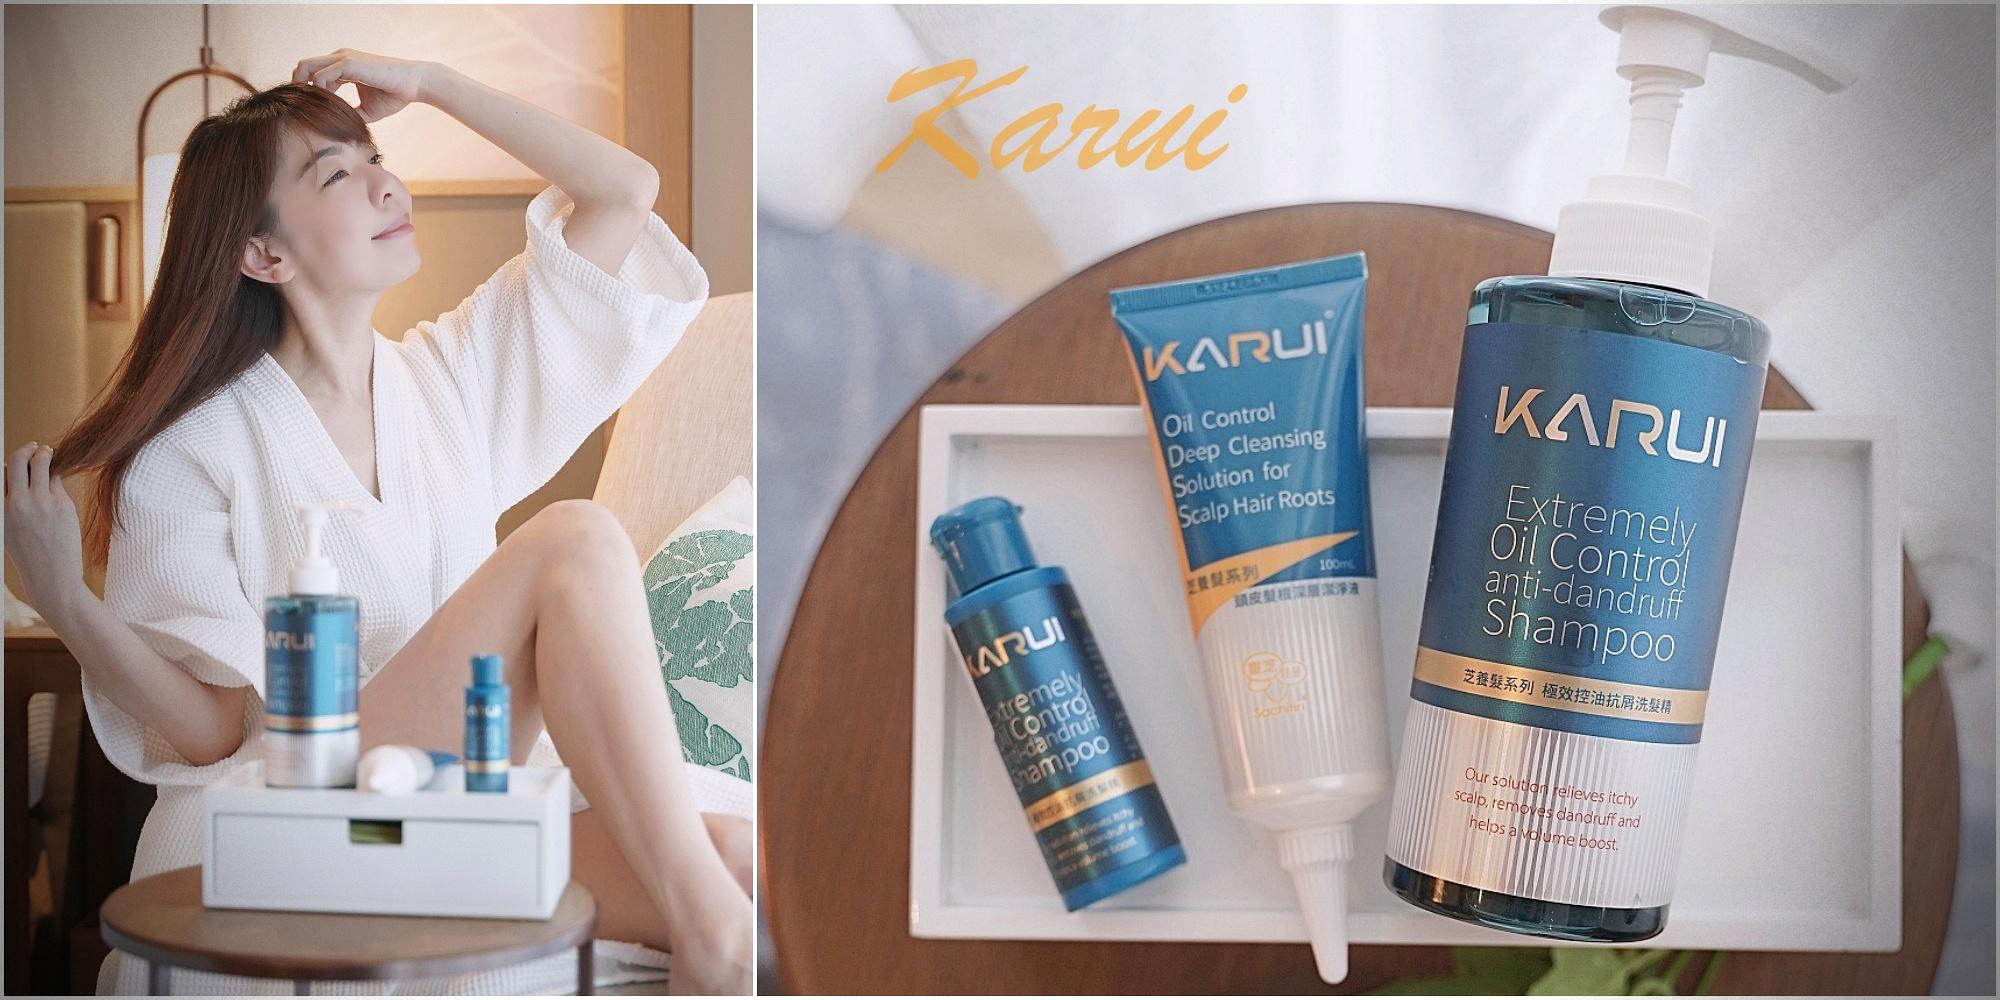 Karui 卡洛伊上質髮品|芝‧養髮頭皮養護系列|頭皮癢、頭皮油全都OUT|產後媽咪養髮必備